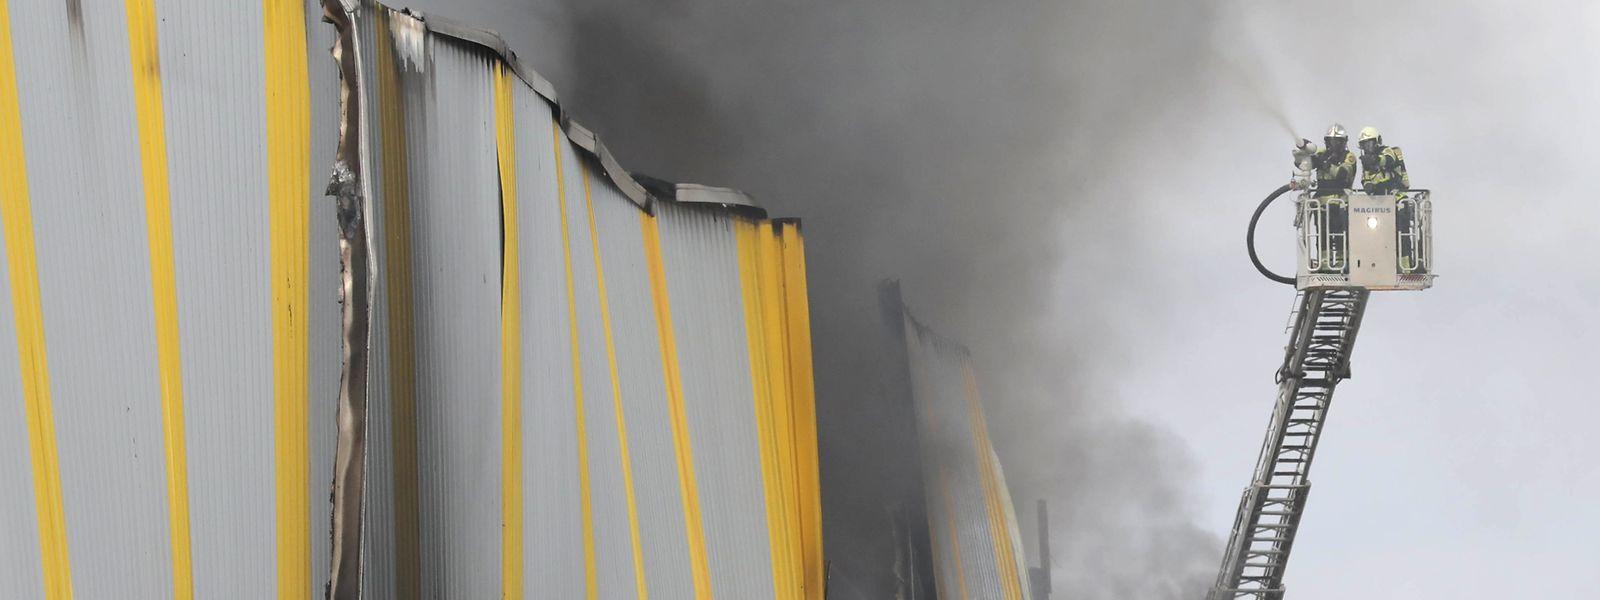 Unter anderem über Großbrände, wie zuletzt in Hamm, sollen die Bürger von nun an über die mobile Anwendung gouvAlert.lu informiert werden.